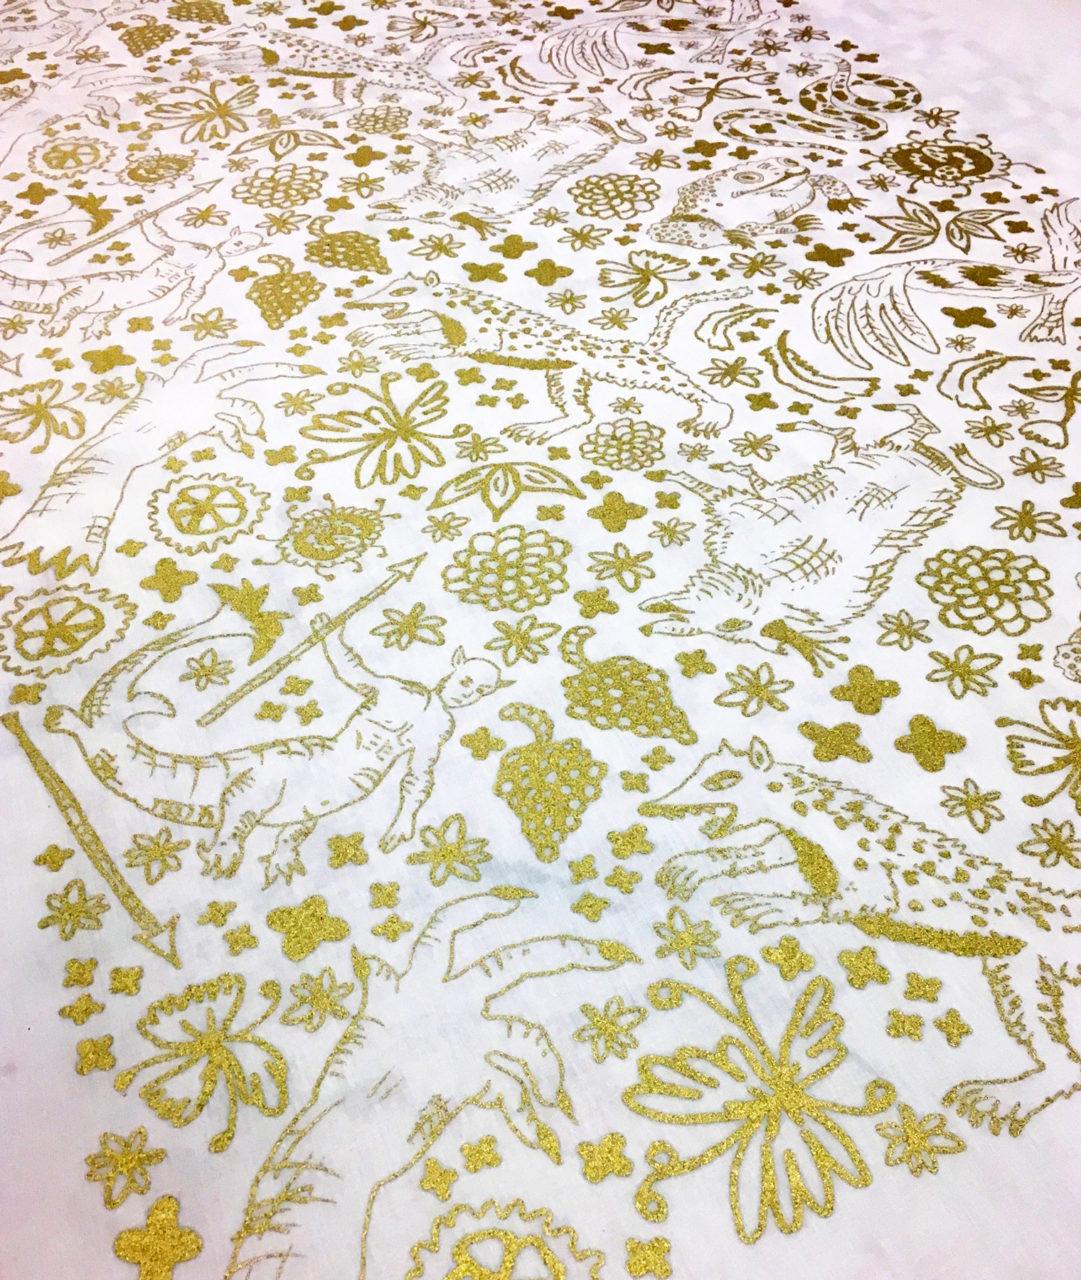 spoils_textile 4